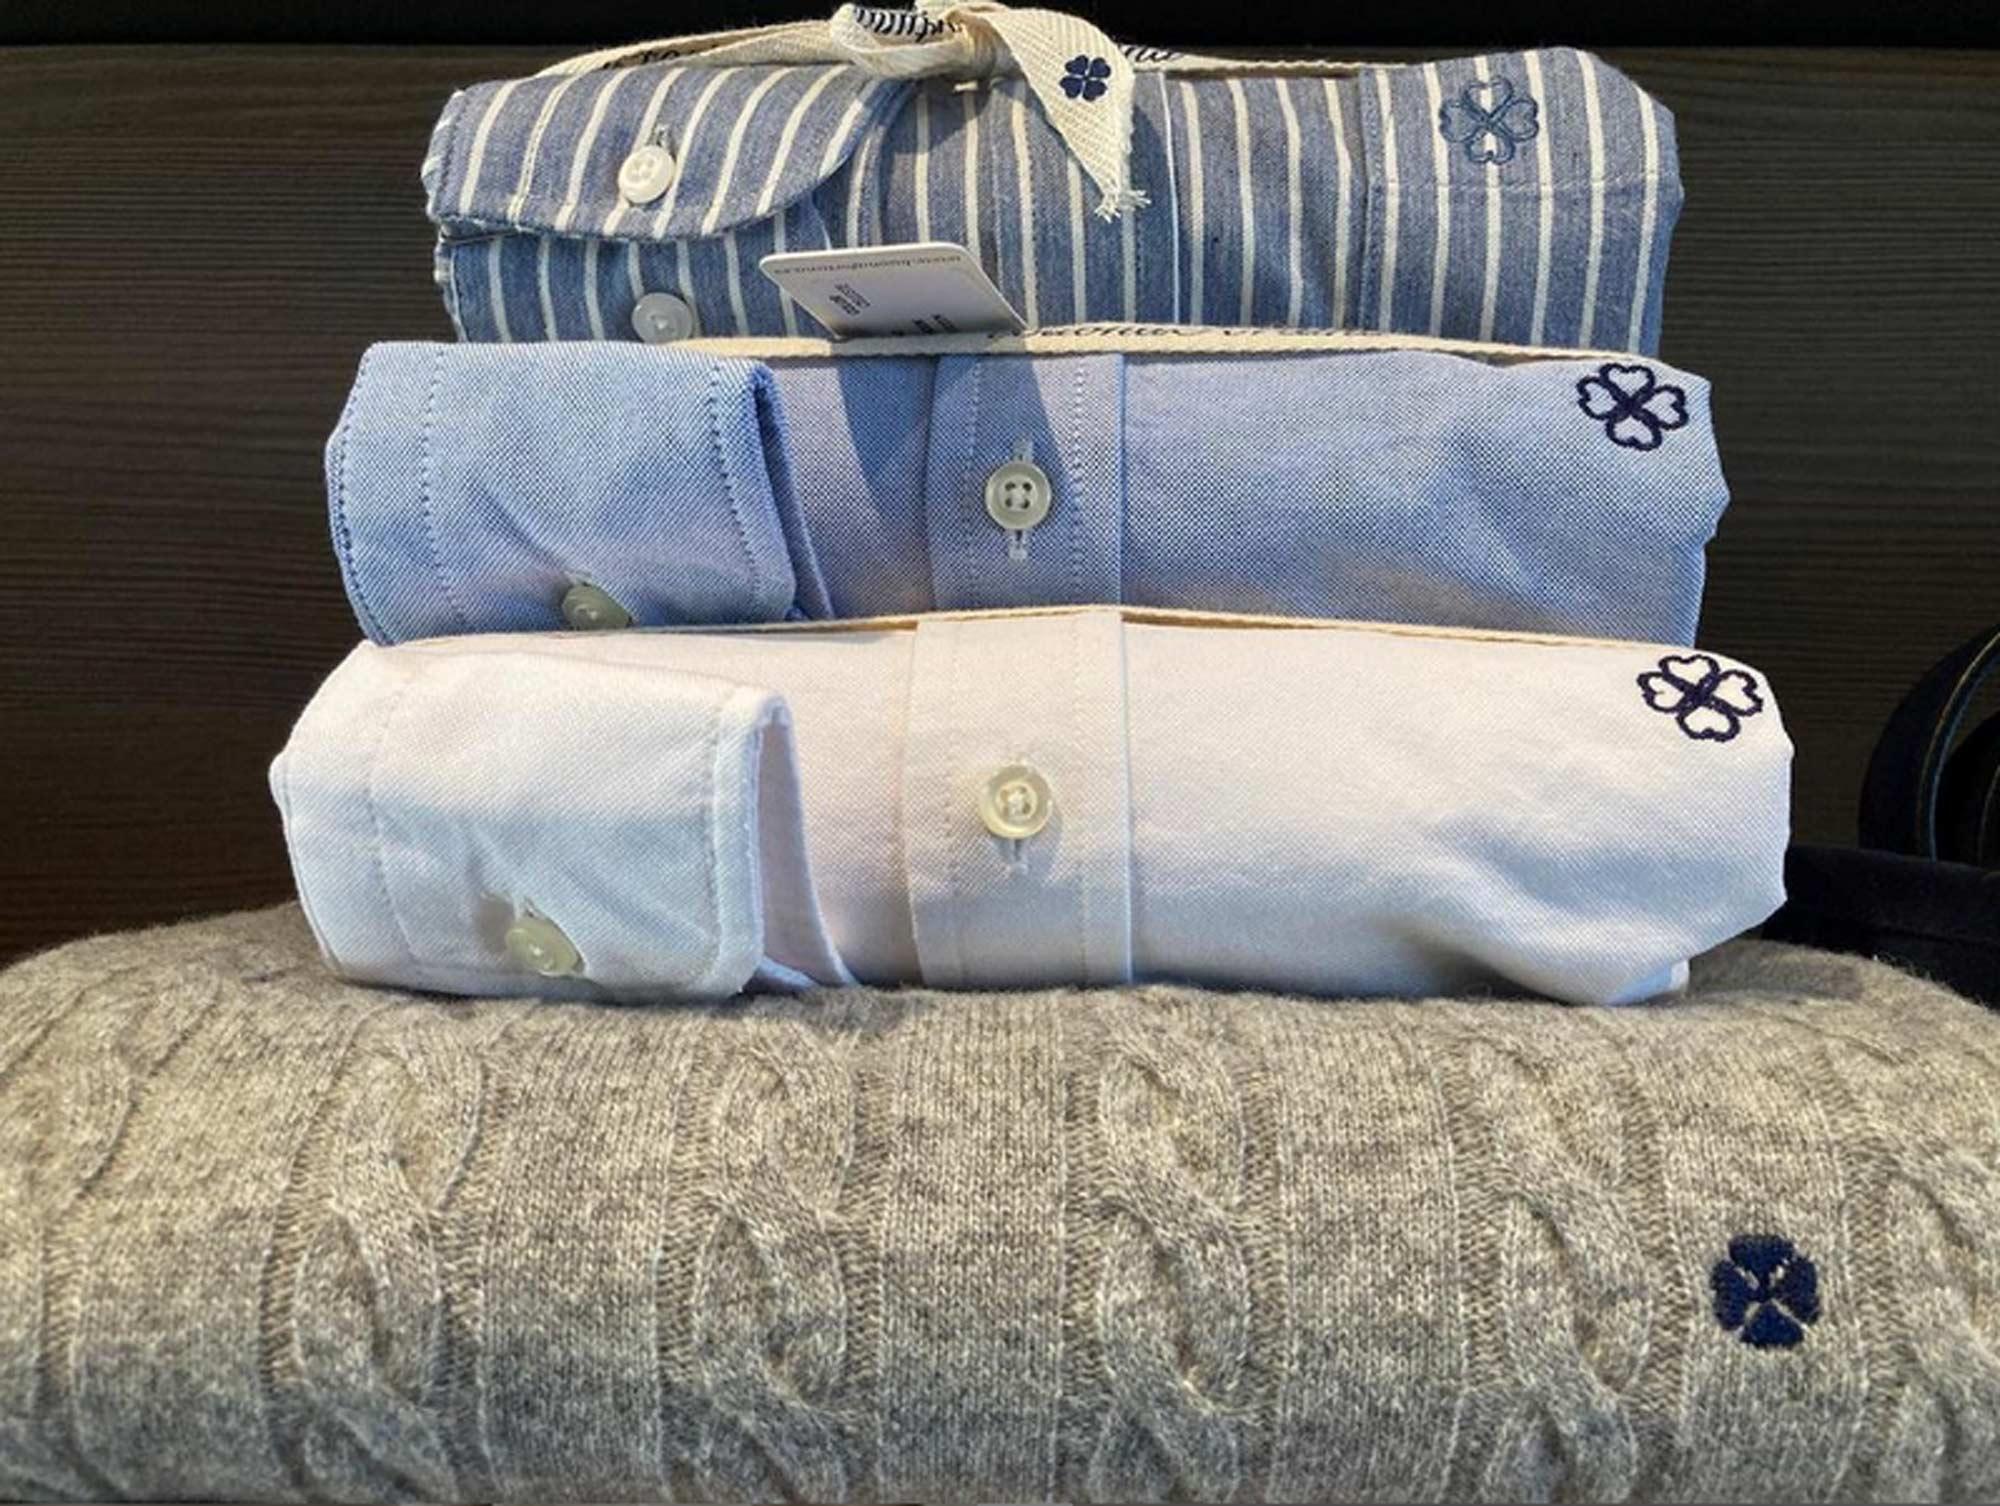 camisas corbatas jerseis pashminas pochettes zapatos exclusivos buona fortuna comprar online moda italiana y made in spain nueva coleccion 2021